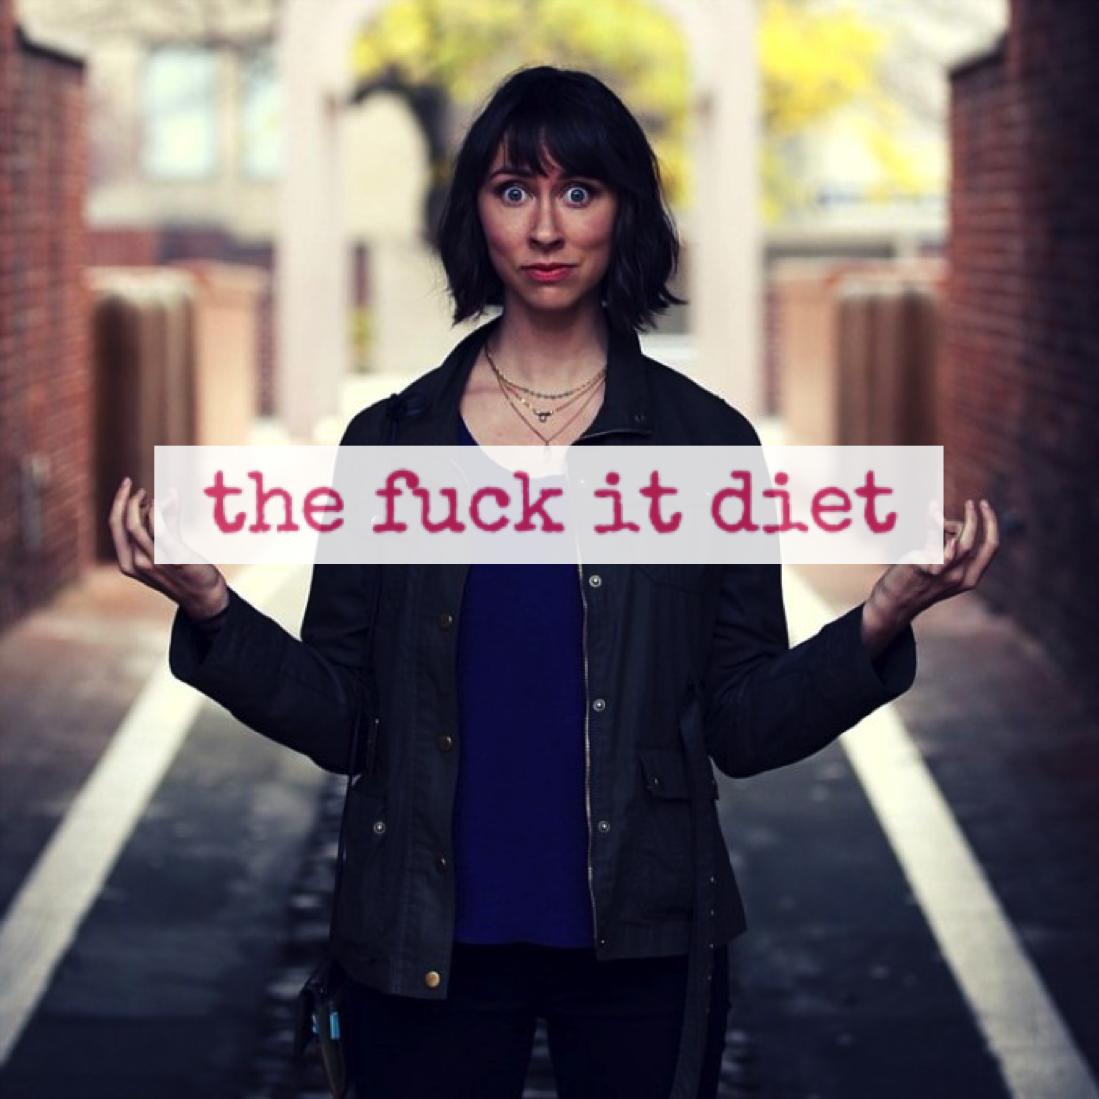 La dieta delle diete. Mangiare di tutto e godersi la vita